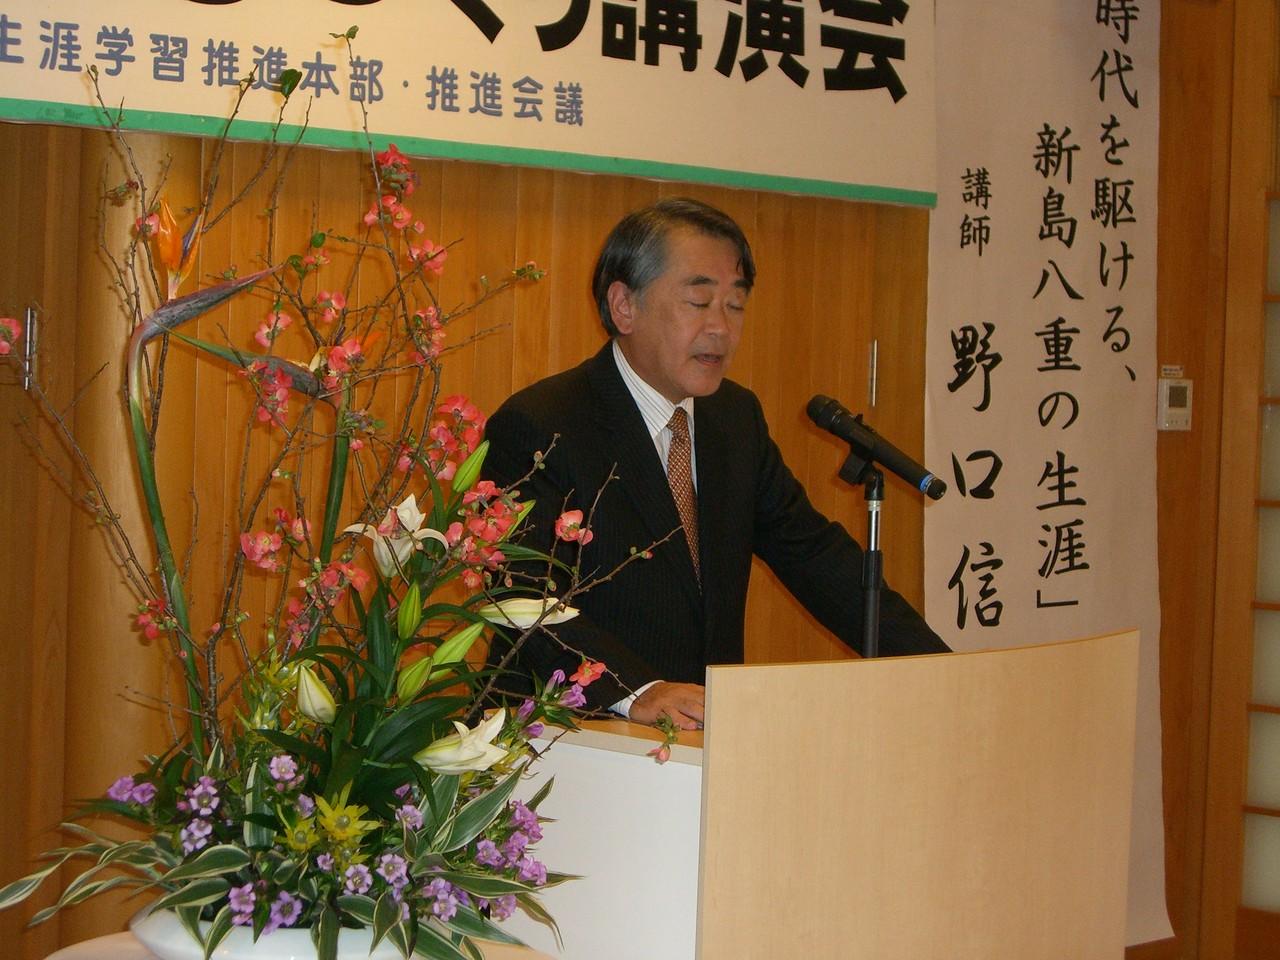 文化講演会 2012